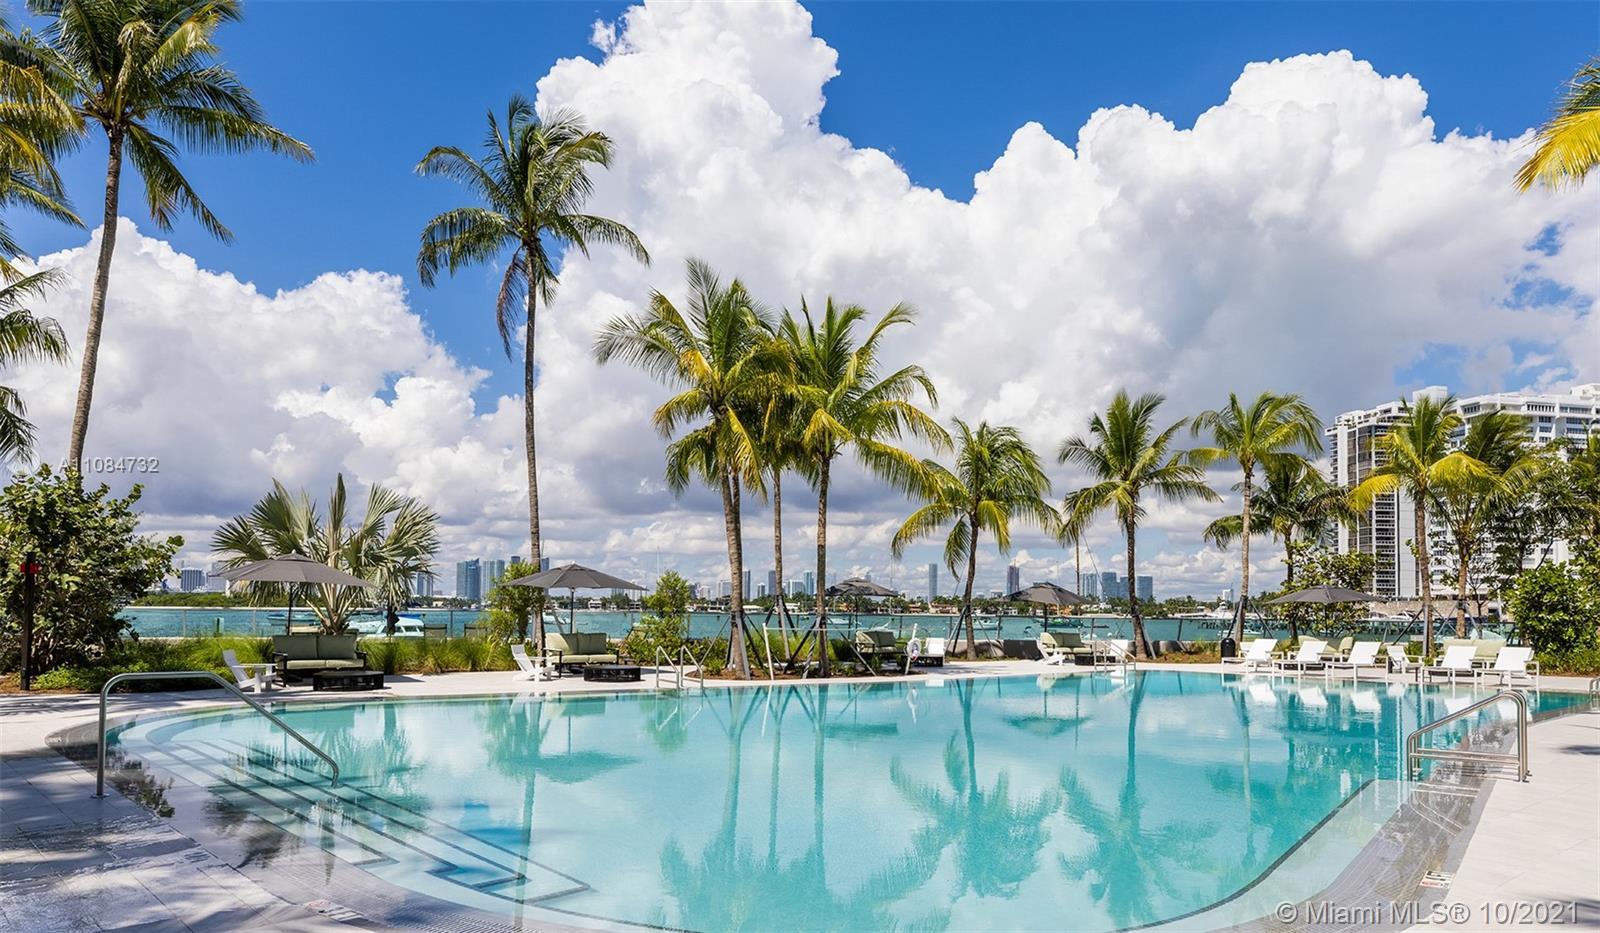 Flamingo South Beach #N-0924 - 1500 Bay Rd #N-0924, Miami Beach, FL 33139